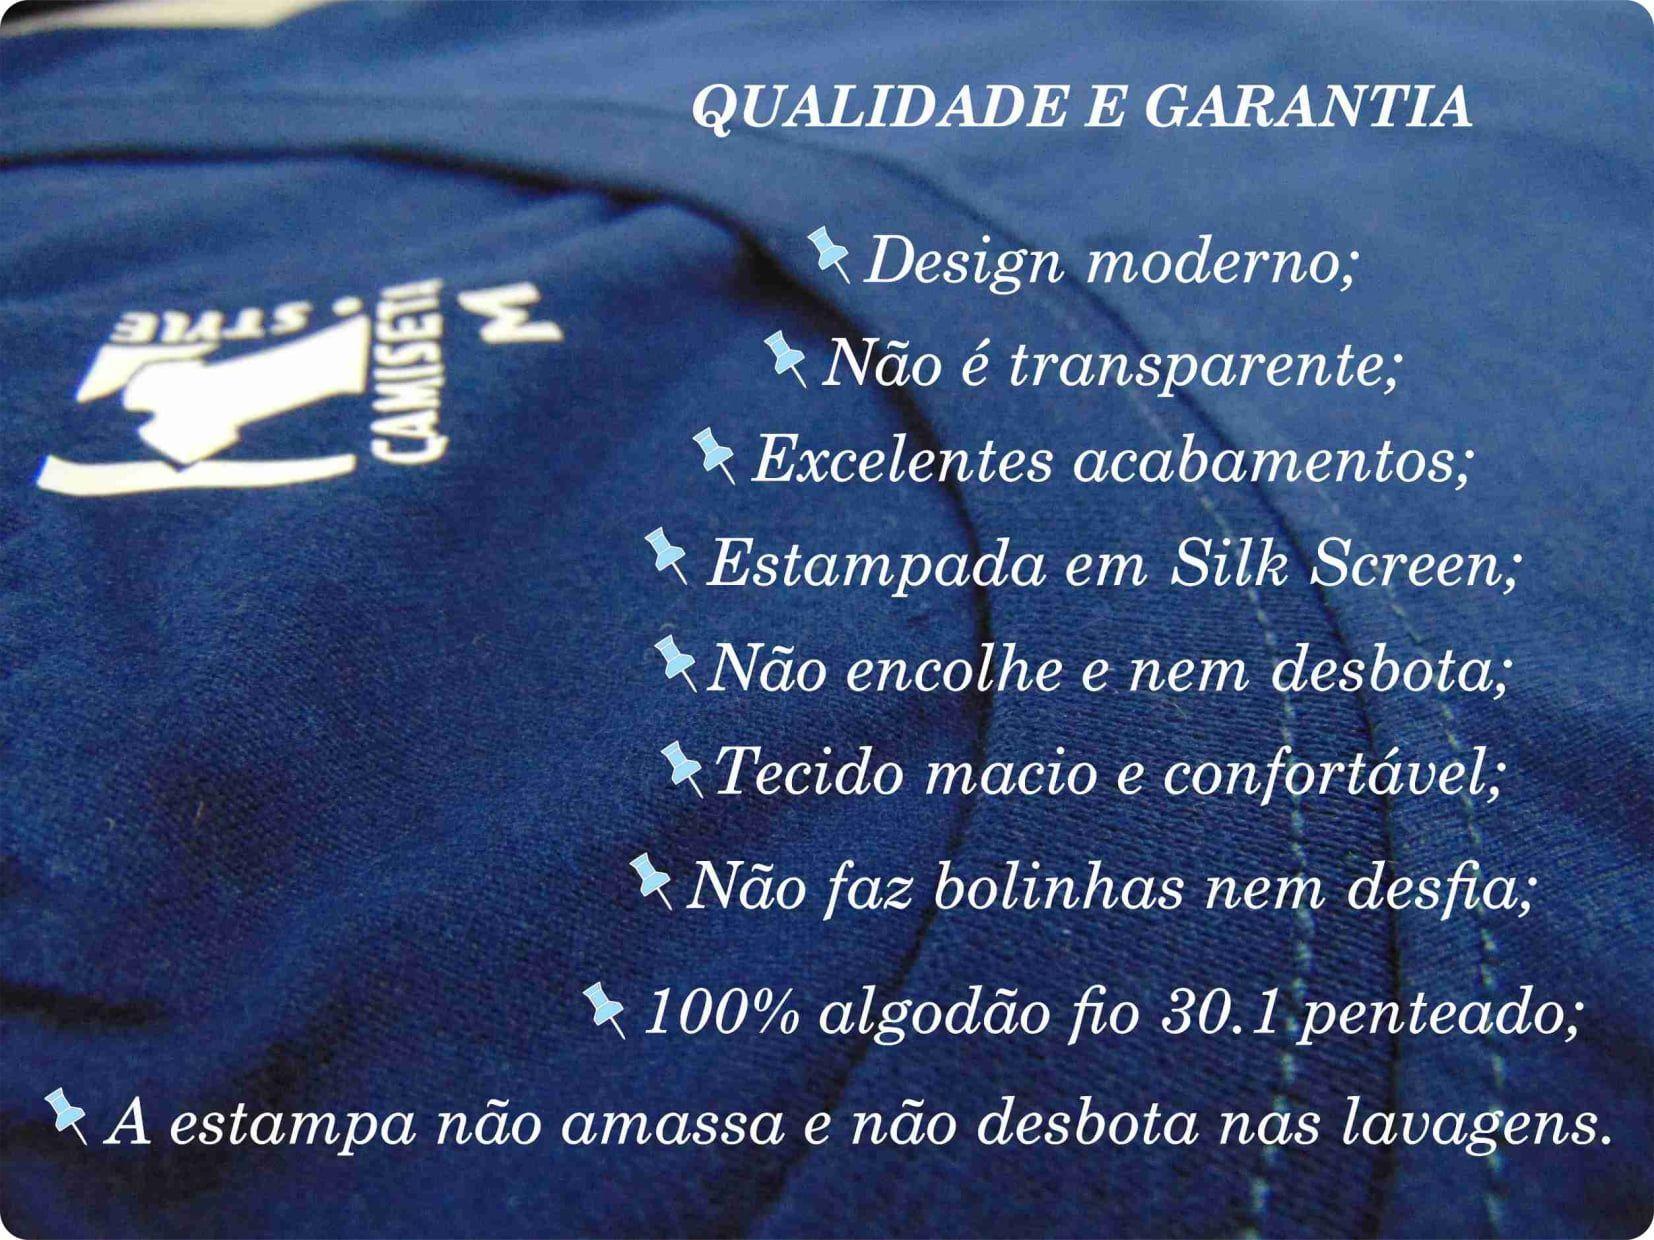 Kit Camiseta Baby Shark Pai e Filho/a - Qualidade e garantia